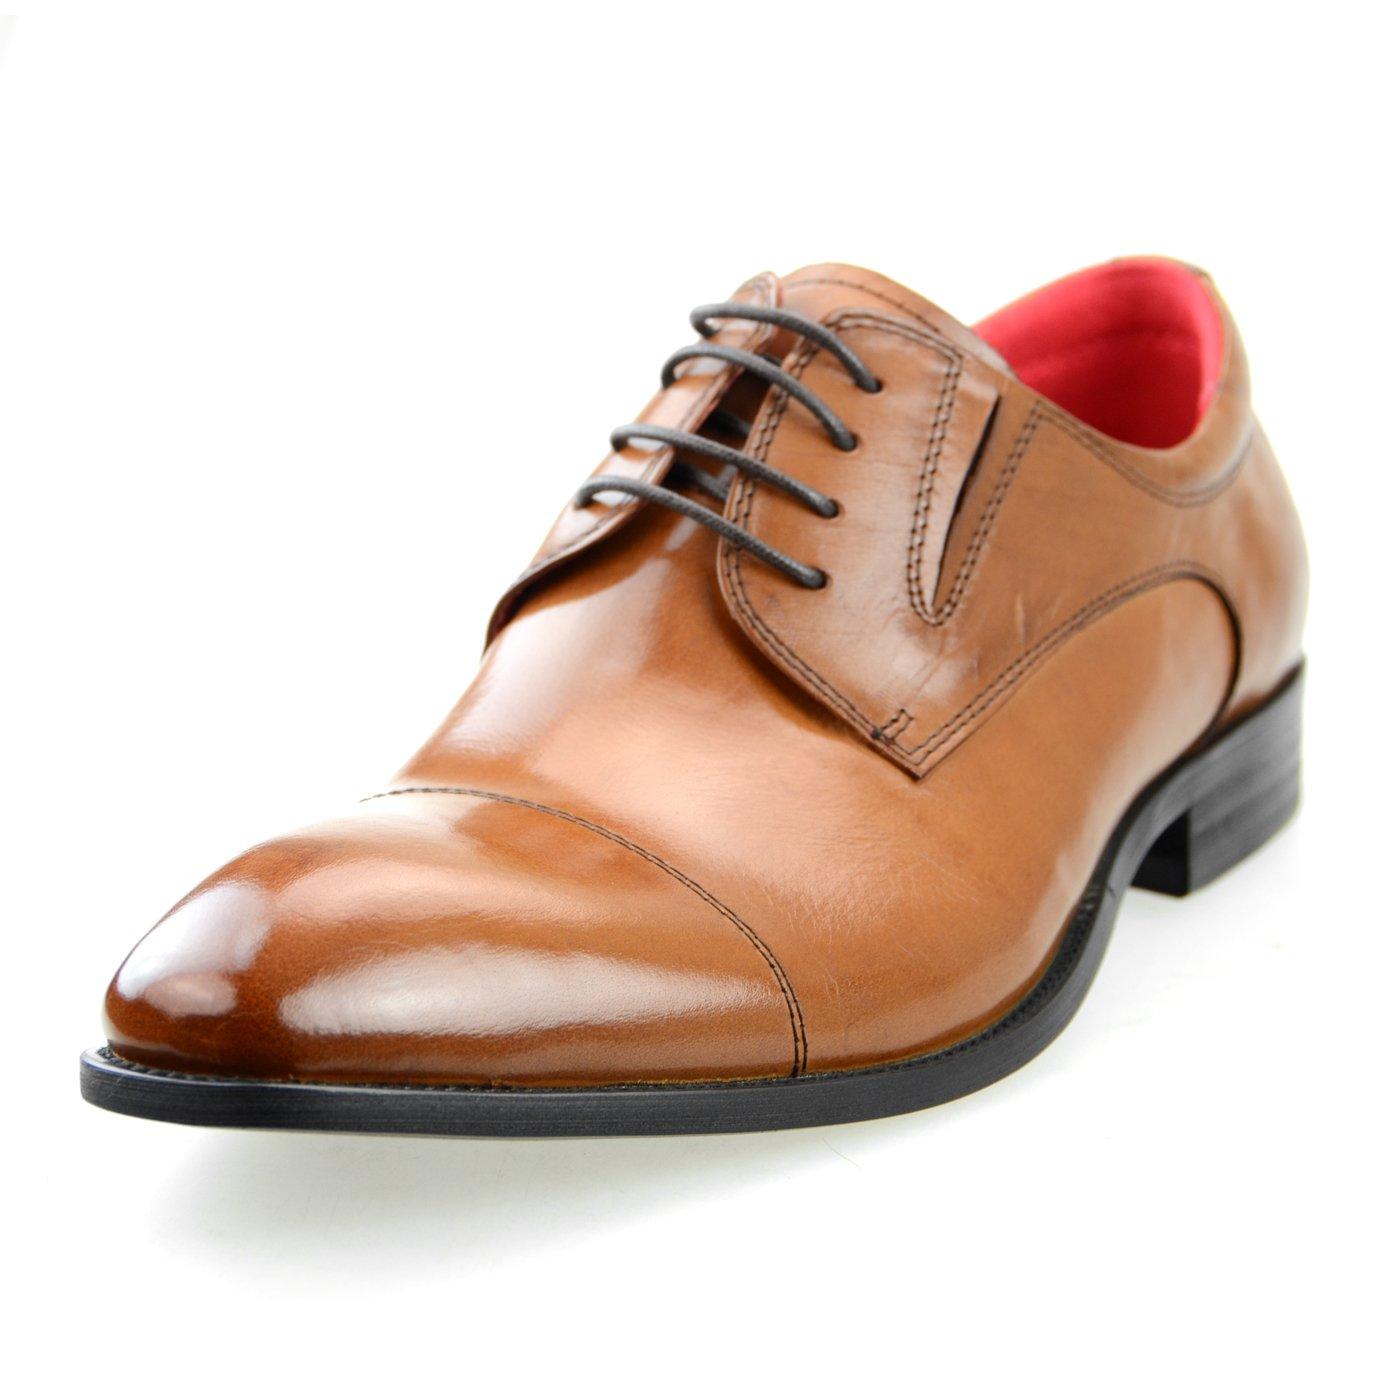 [ルシウス] エムエムワン MM/ONE ビジネスシューズ メンズ 革靴 本革 フェイクレザー ロングノーズ ドレスシューズ 選べる 紳士靴 B01BS7M7CC LLT700SZ-1 ブラウン 26.5 cm 3E